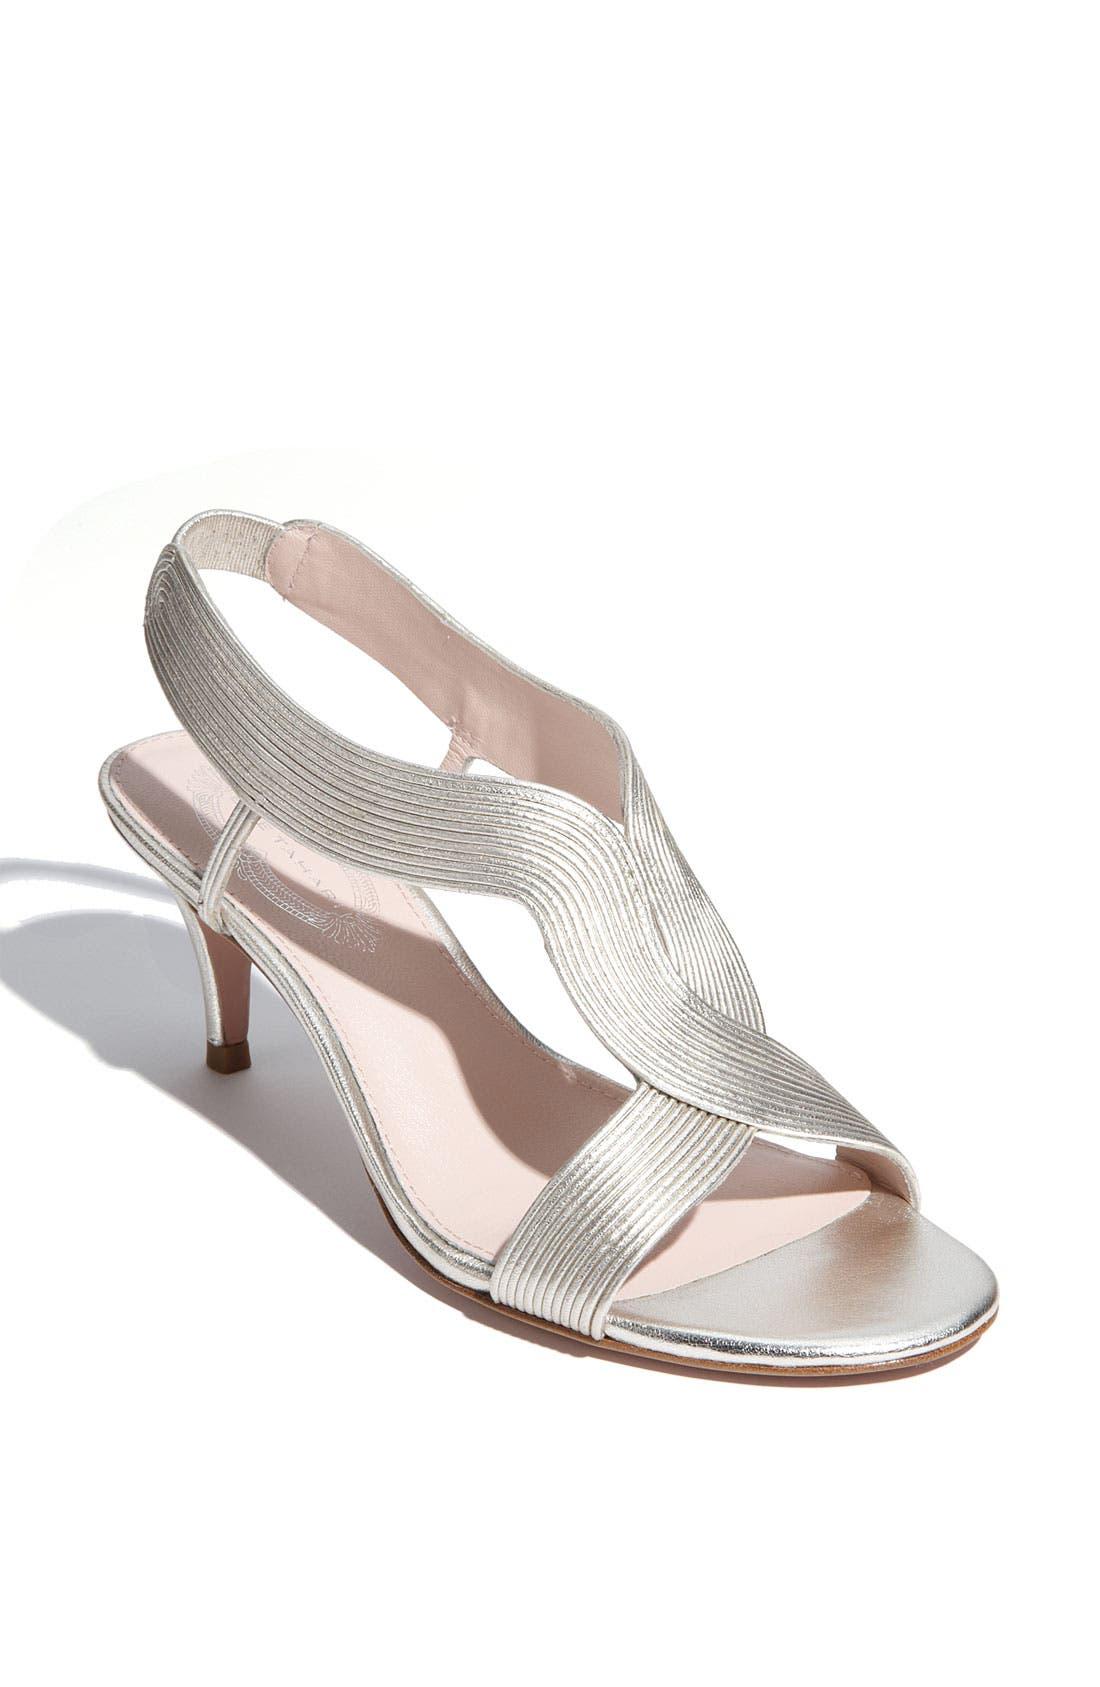 Main Image - Elie Tahari 'Celia' Sandal